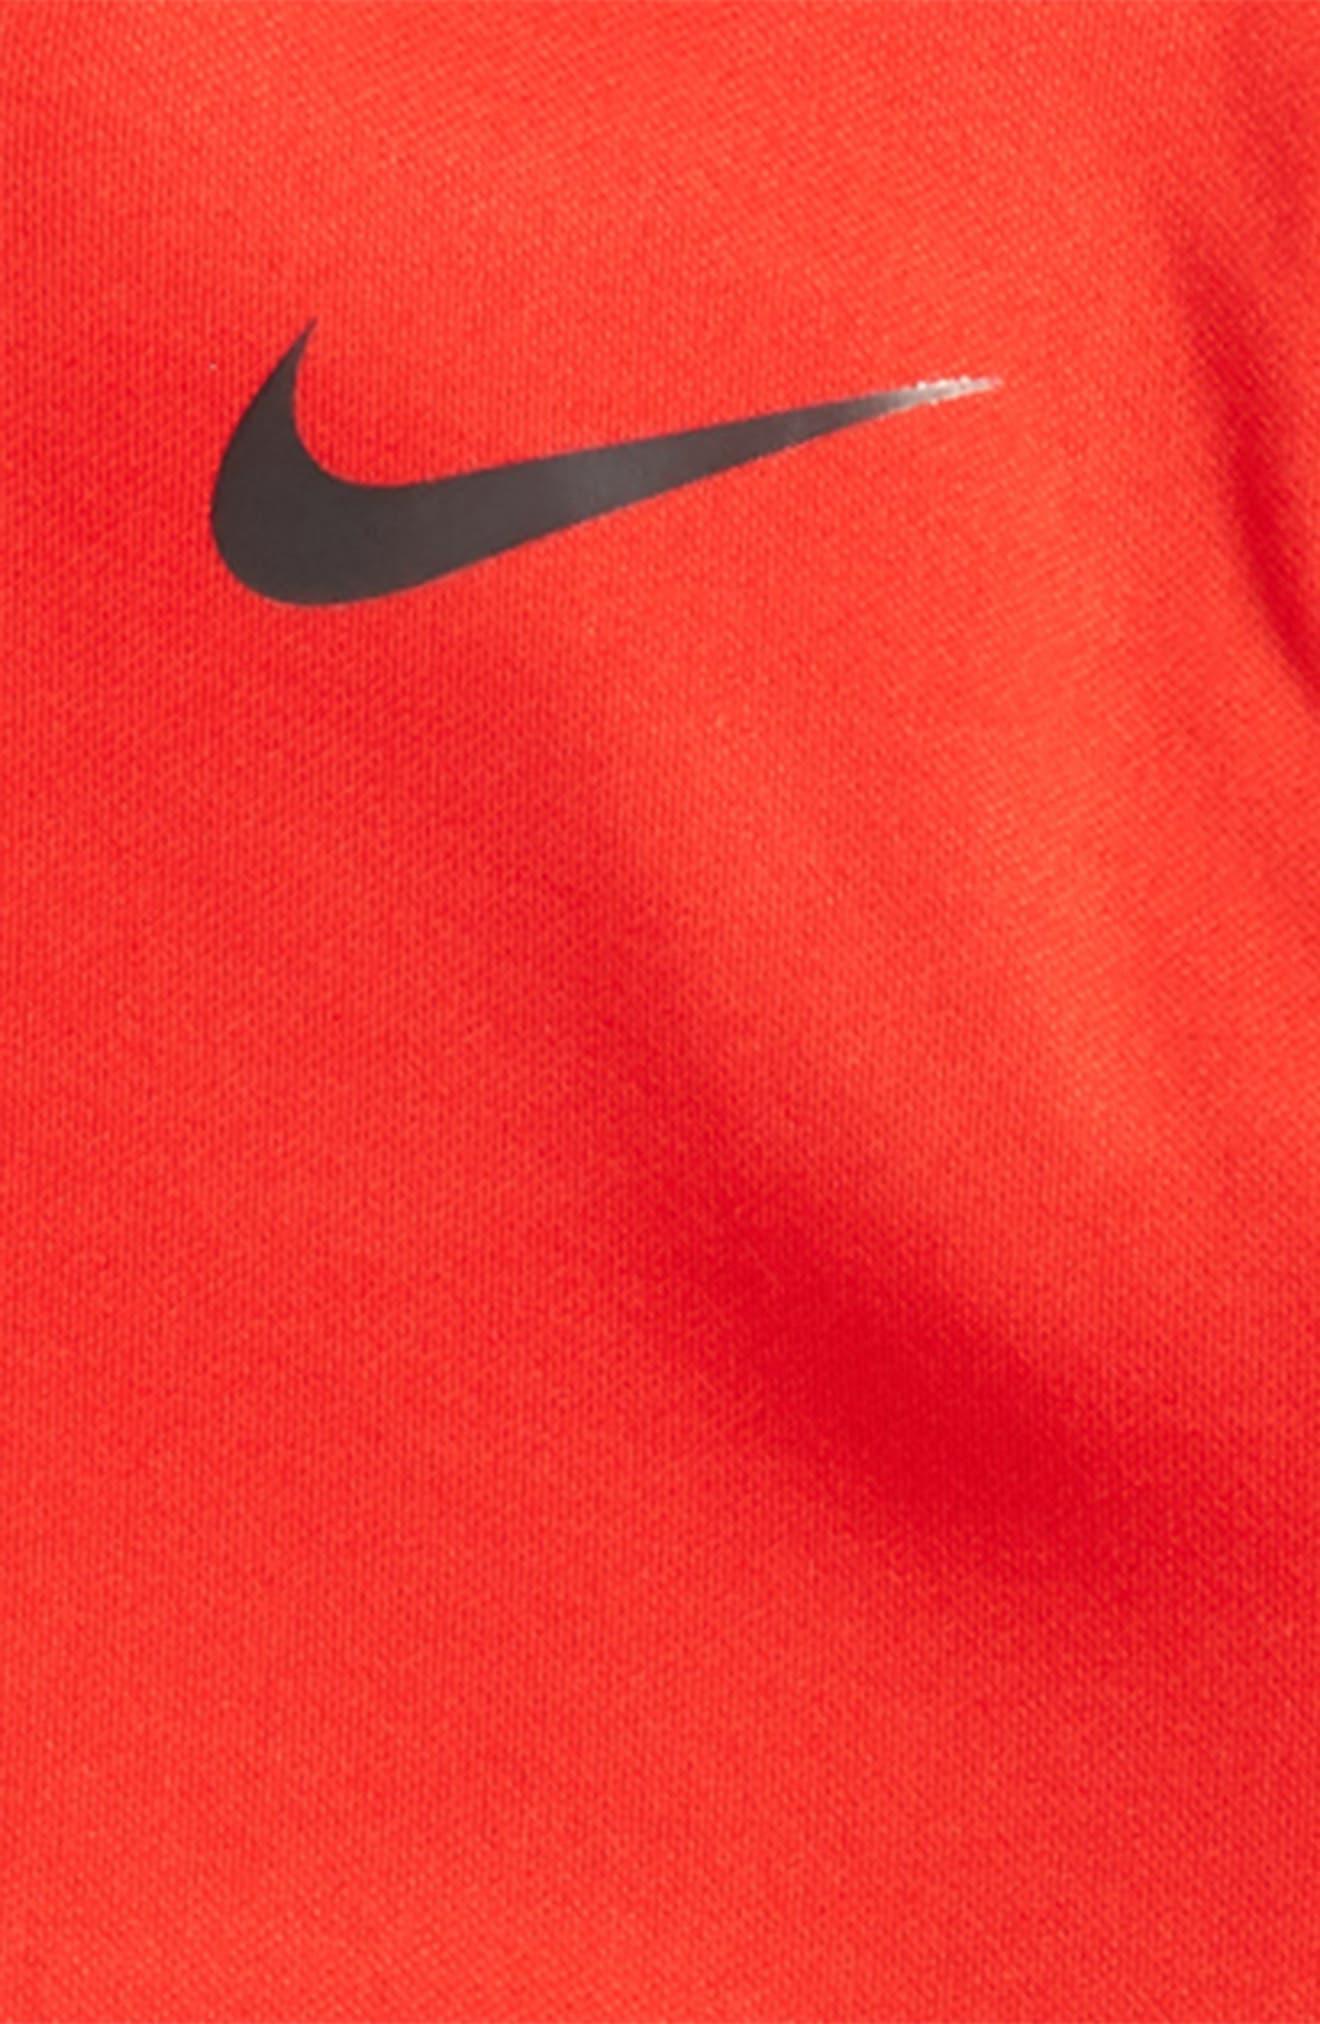 Alternate Image 2  - Nike Therma-FIT Hoodie & Pants Set (Baby Boys)